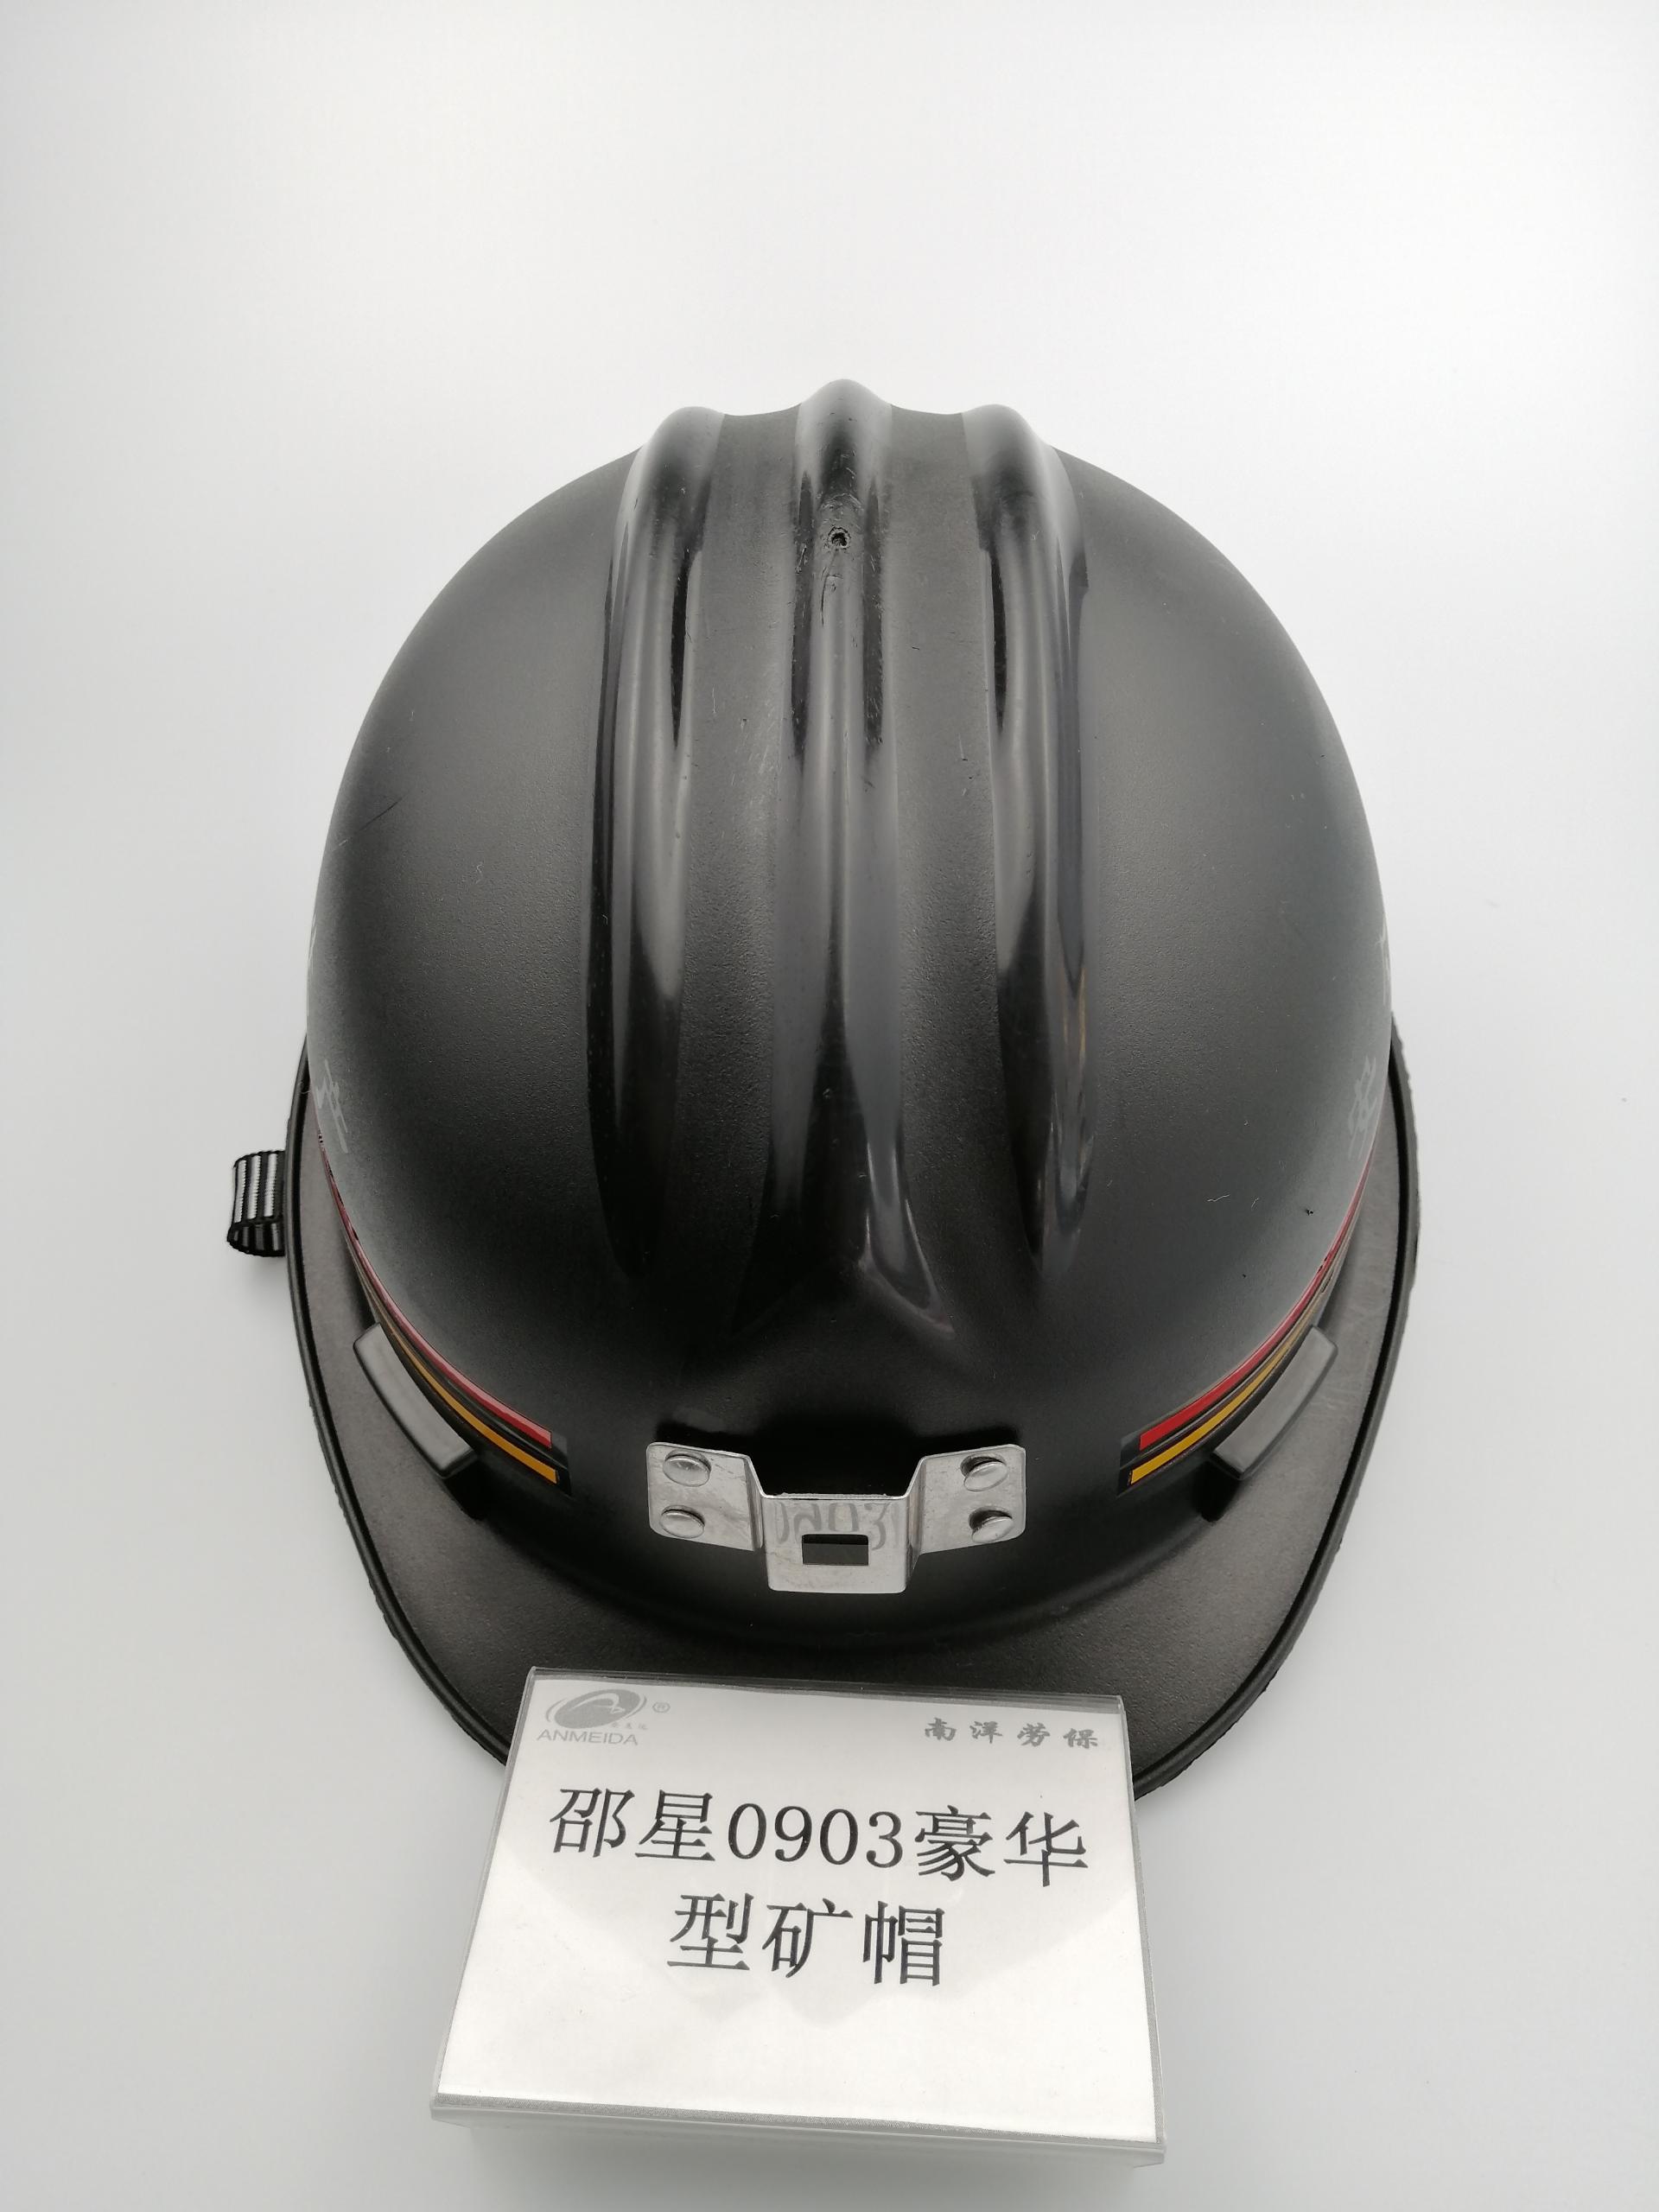 卲星0903豪华型矿帽